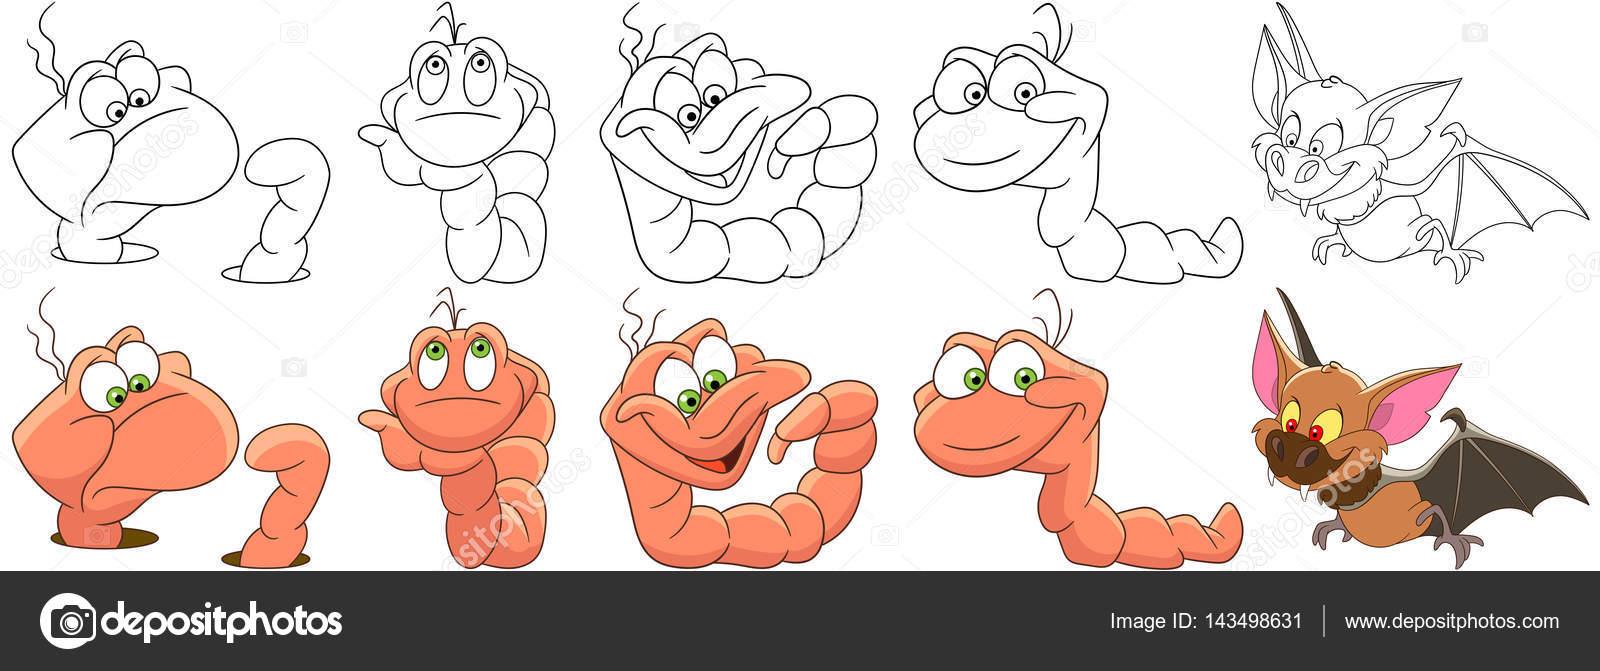 Cartoon-Würmer und Fledermaus set — Stockvektor © Sybirko #143498631